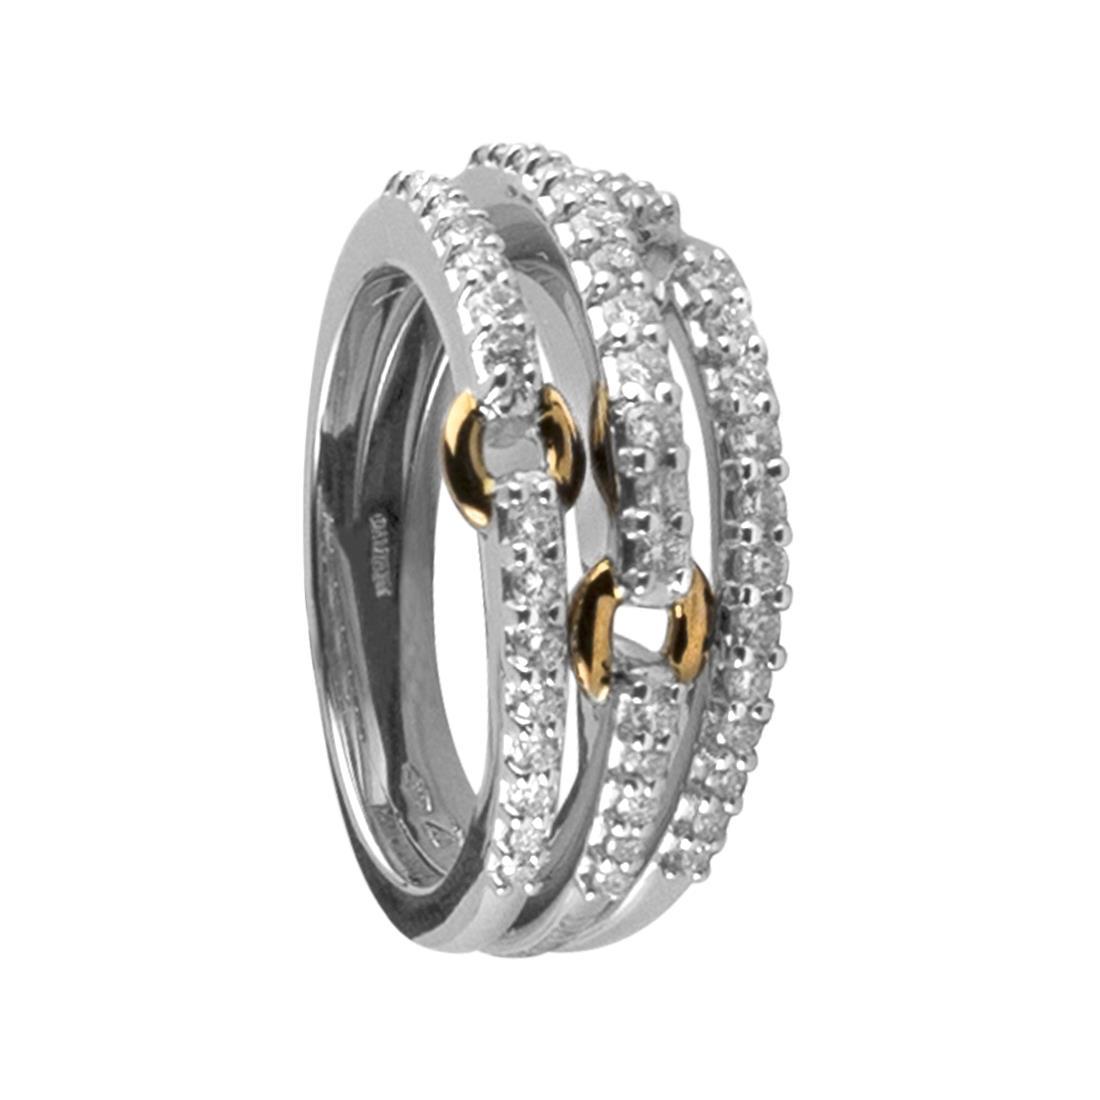 Anello in oro bianco e rosa con diamanti mis 15 - DAMIANI